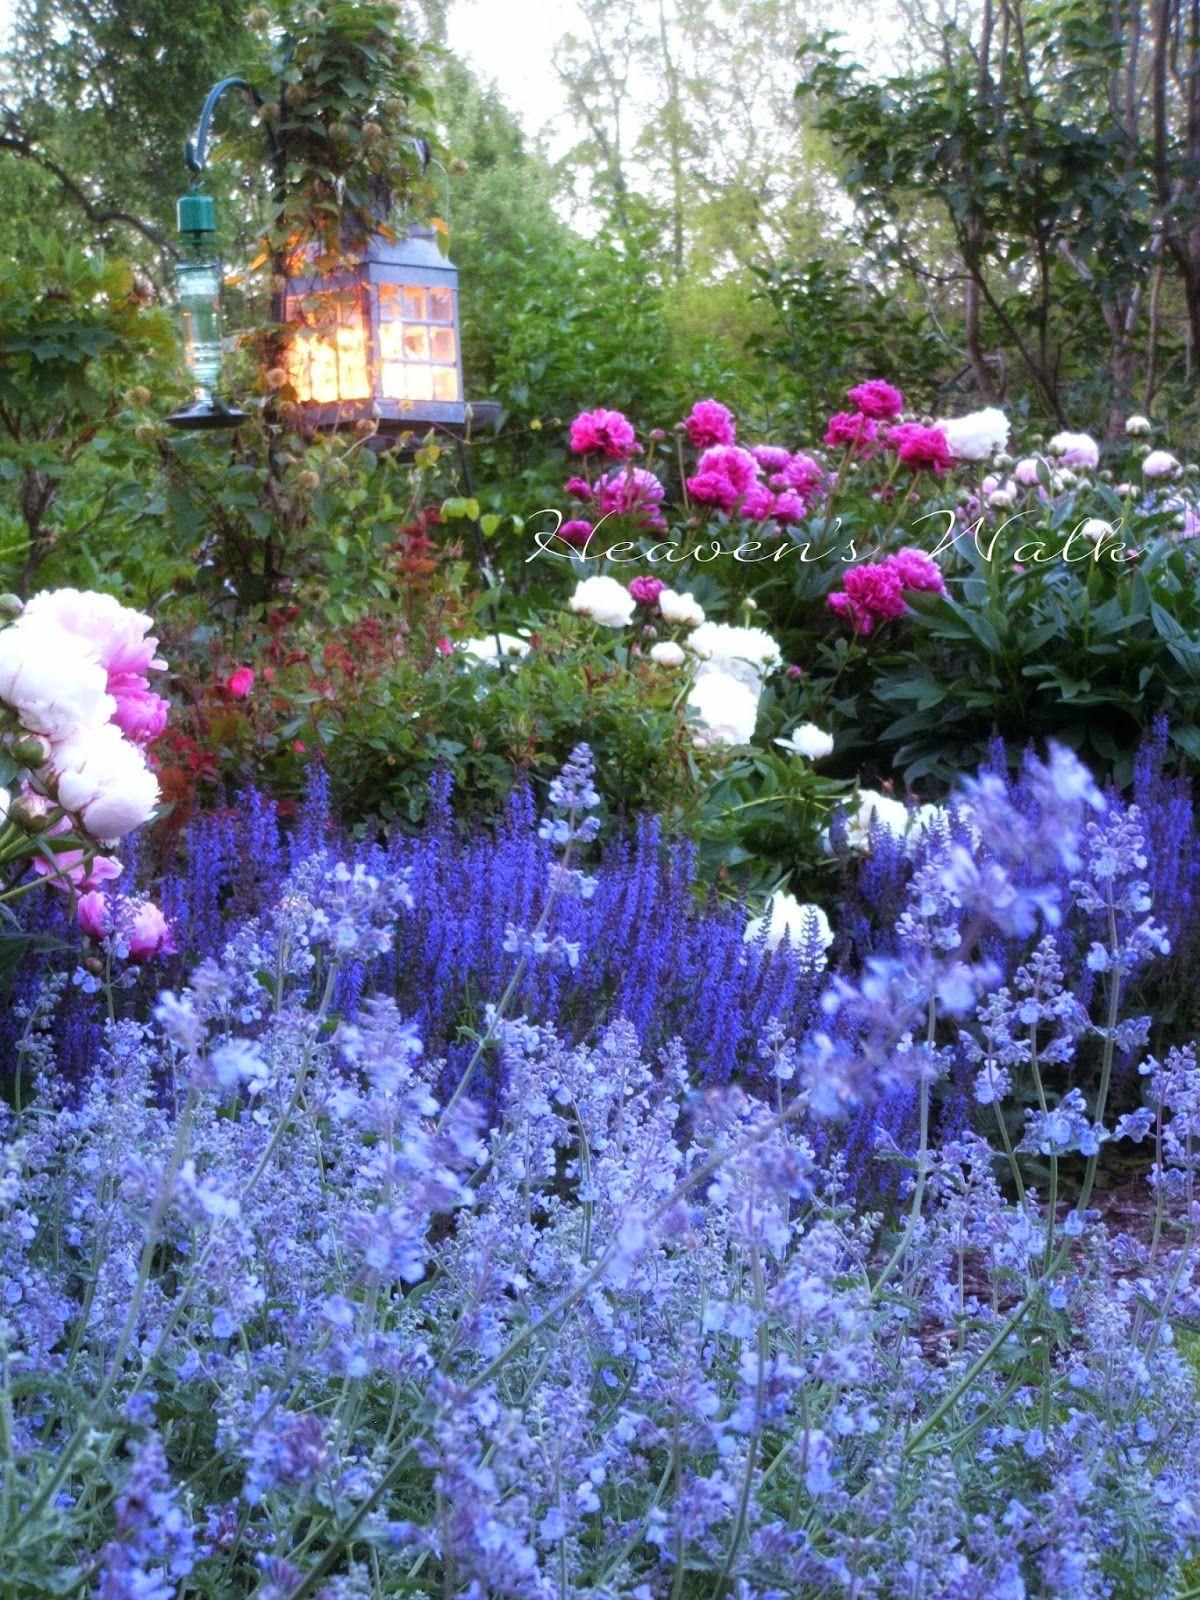 Heaven's Walk: When Peonies Bloom